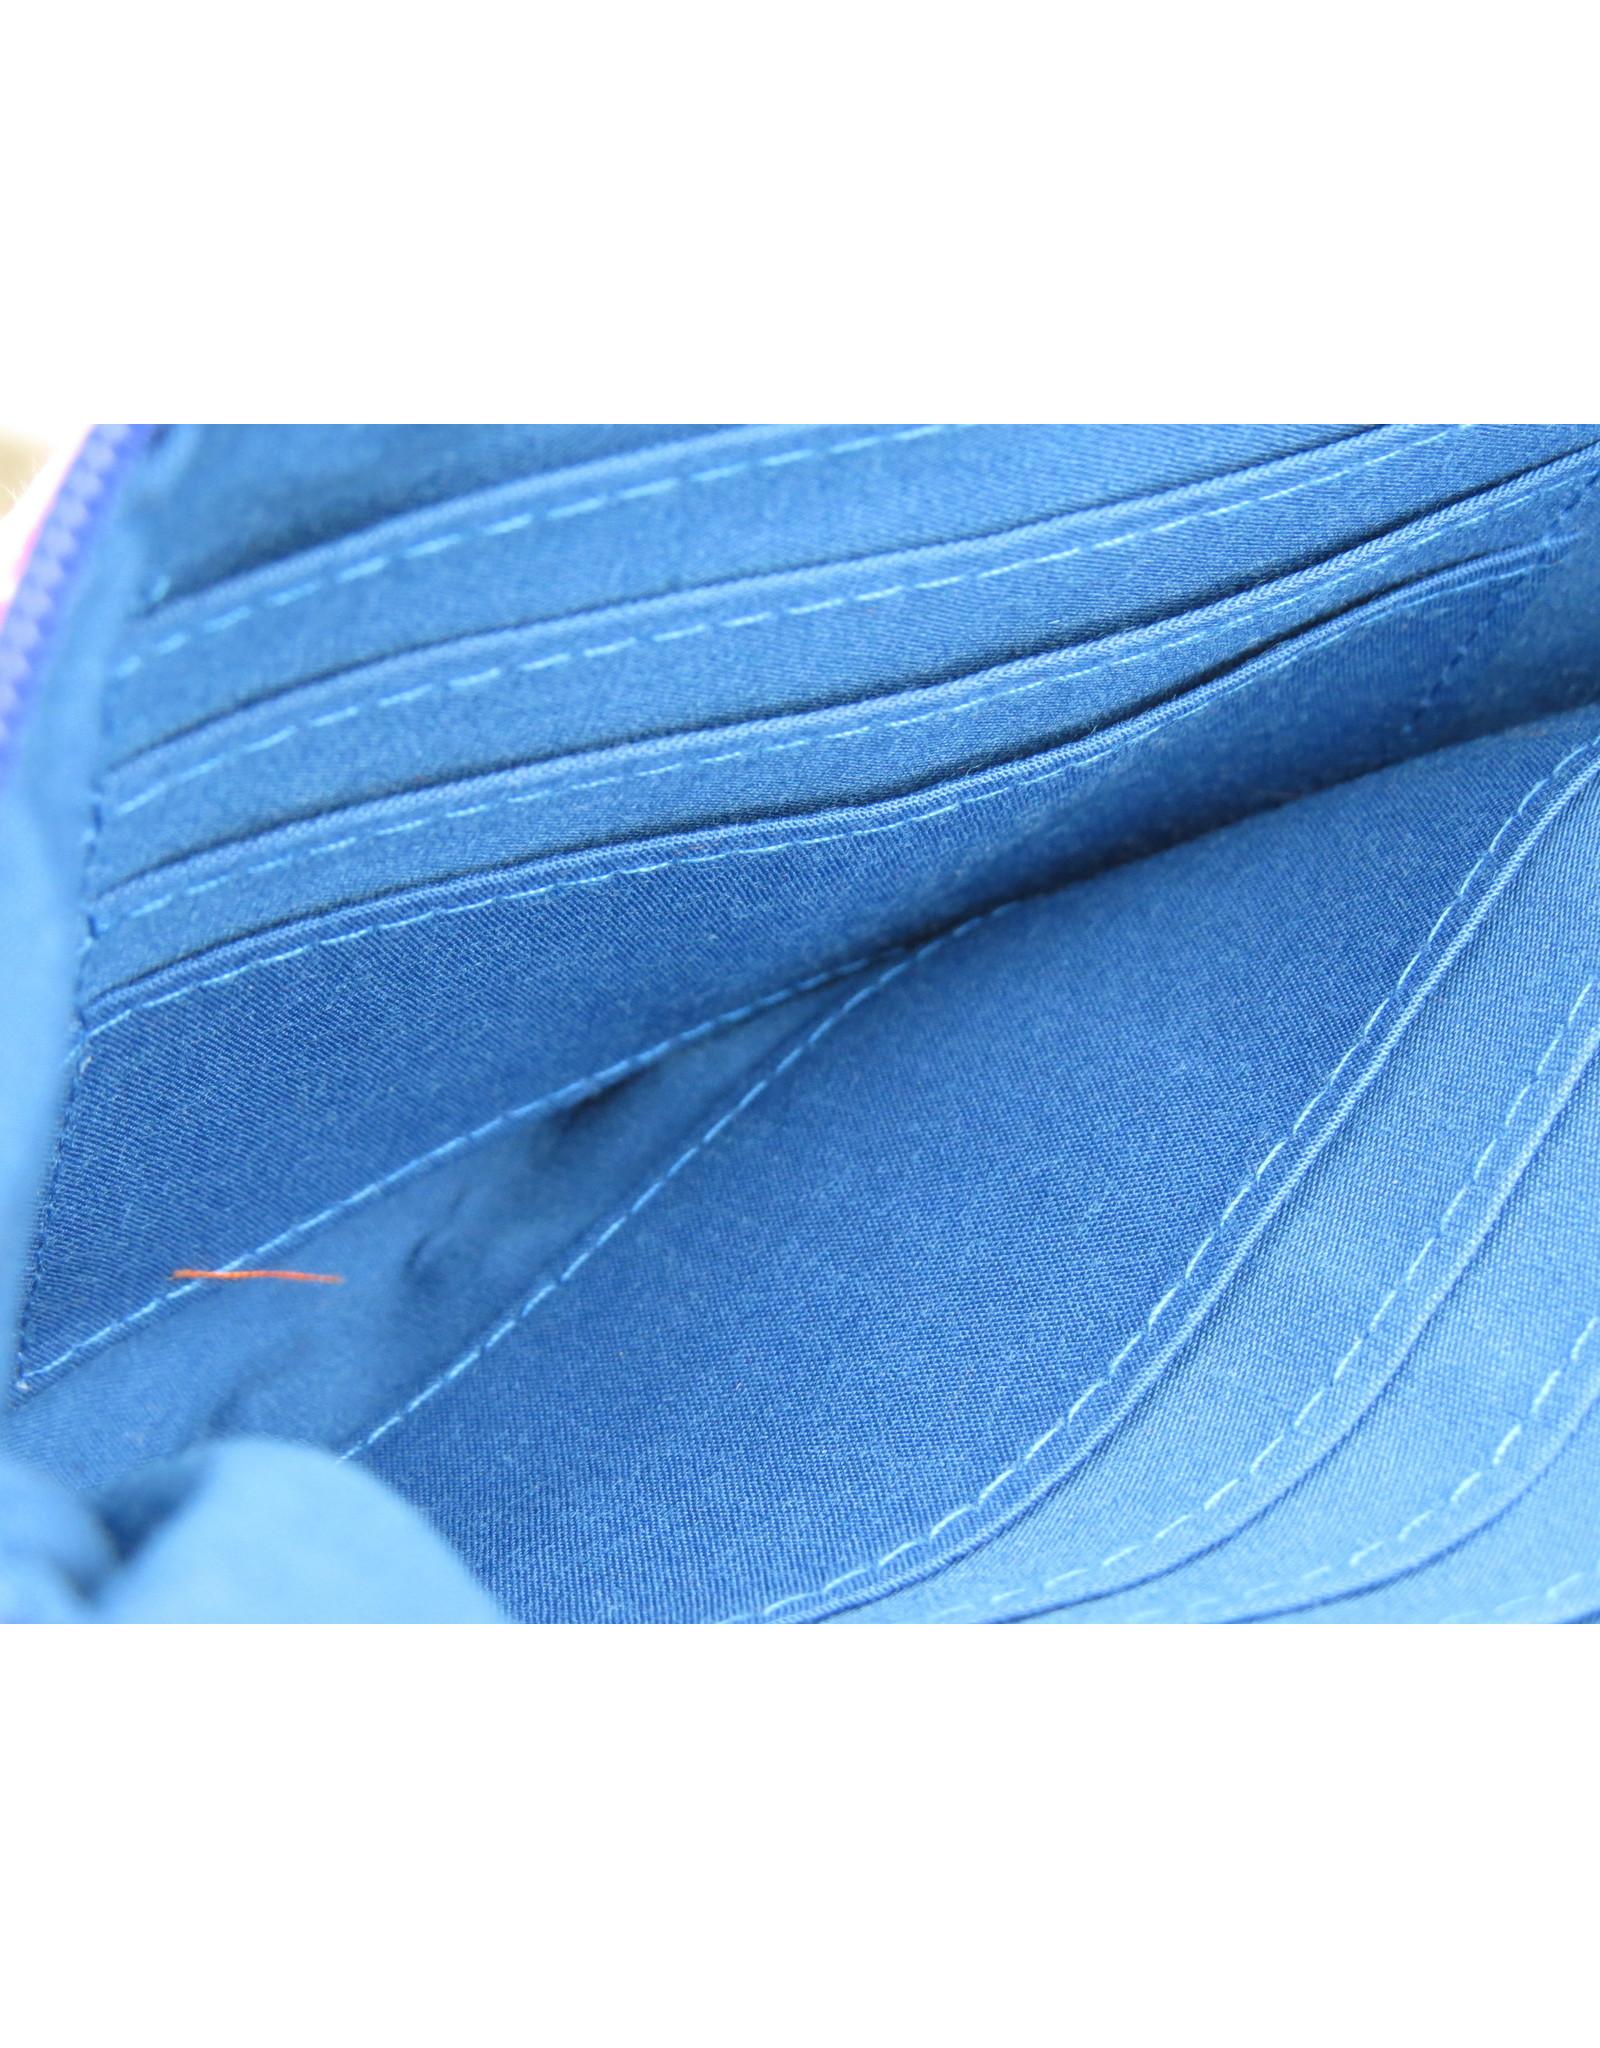 Huisteil Vintage wallet - mobile phone - blue flower